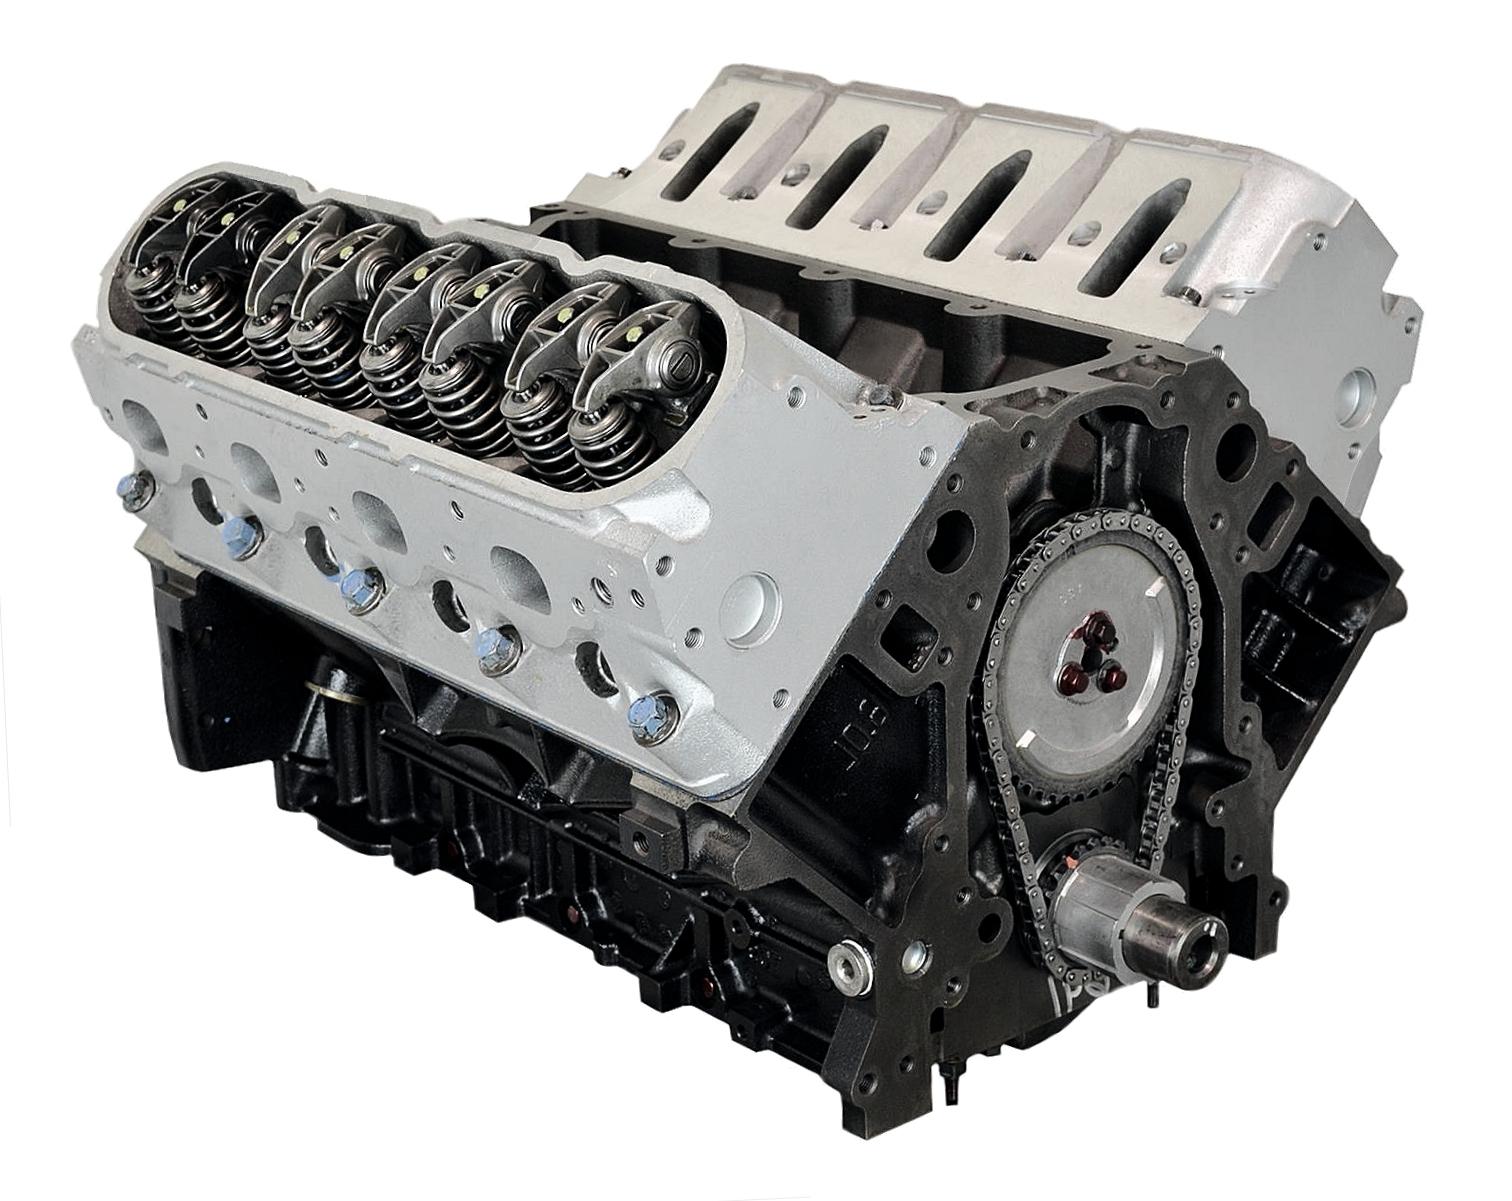 5.3 GM L59 Reman Long Block Engine Chevrolet Avalanche 1500Vin Code: T